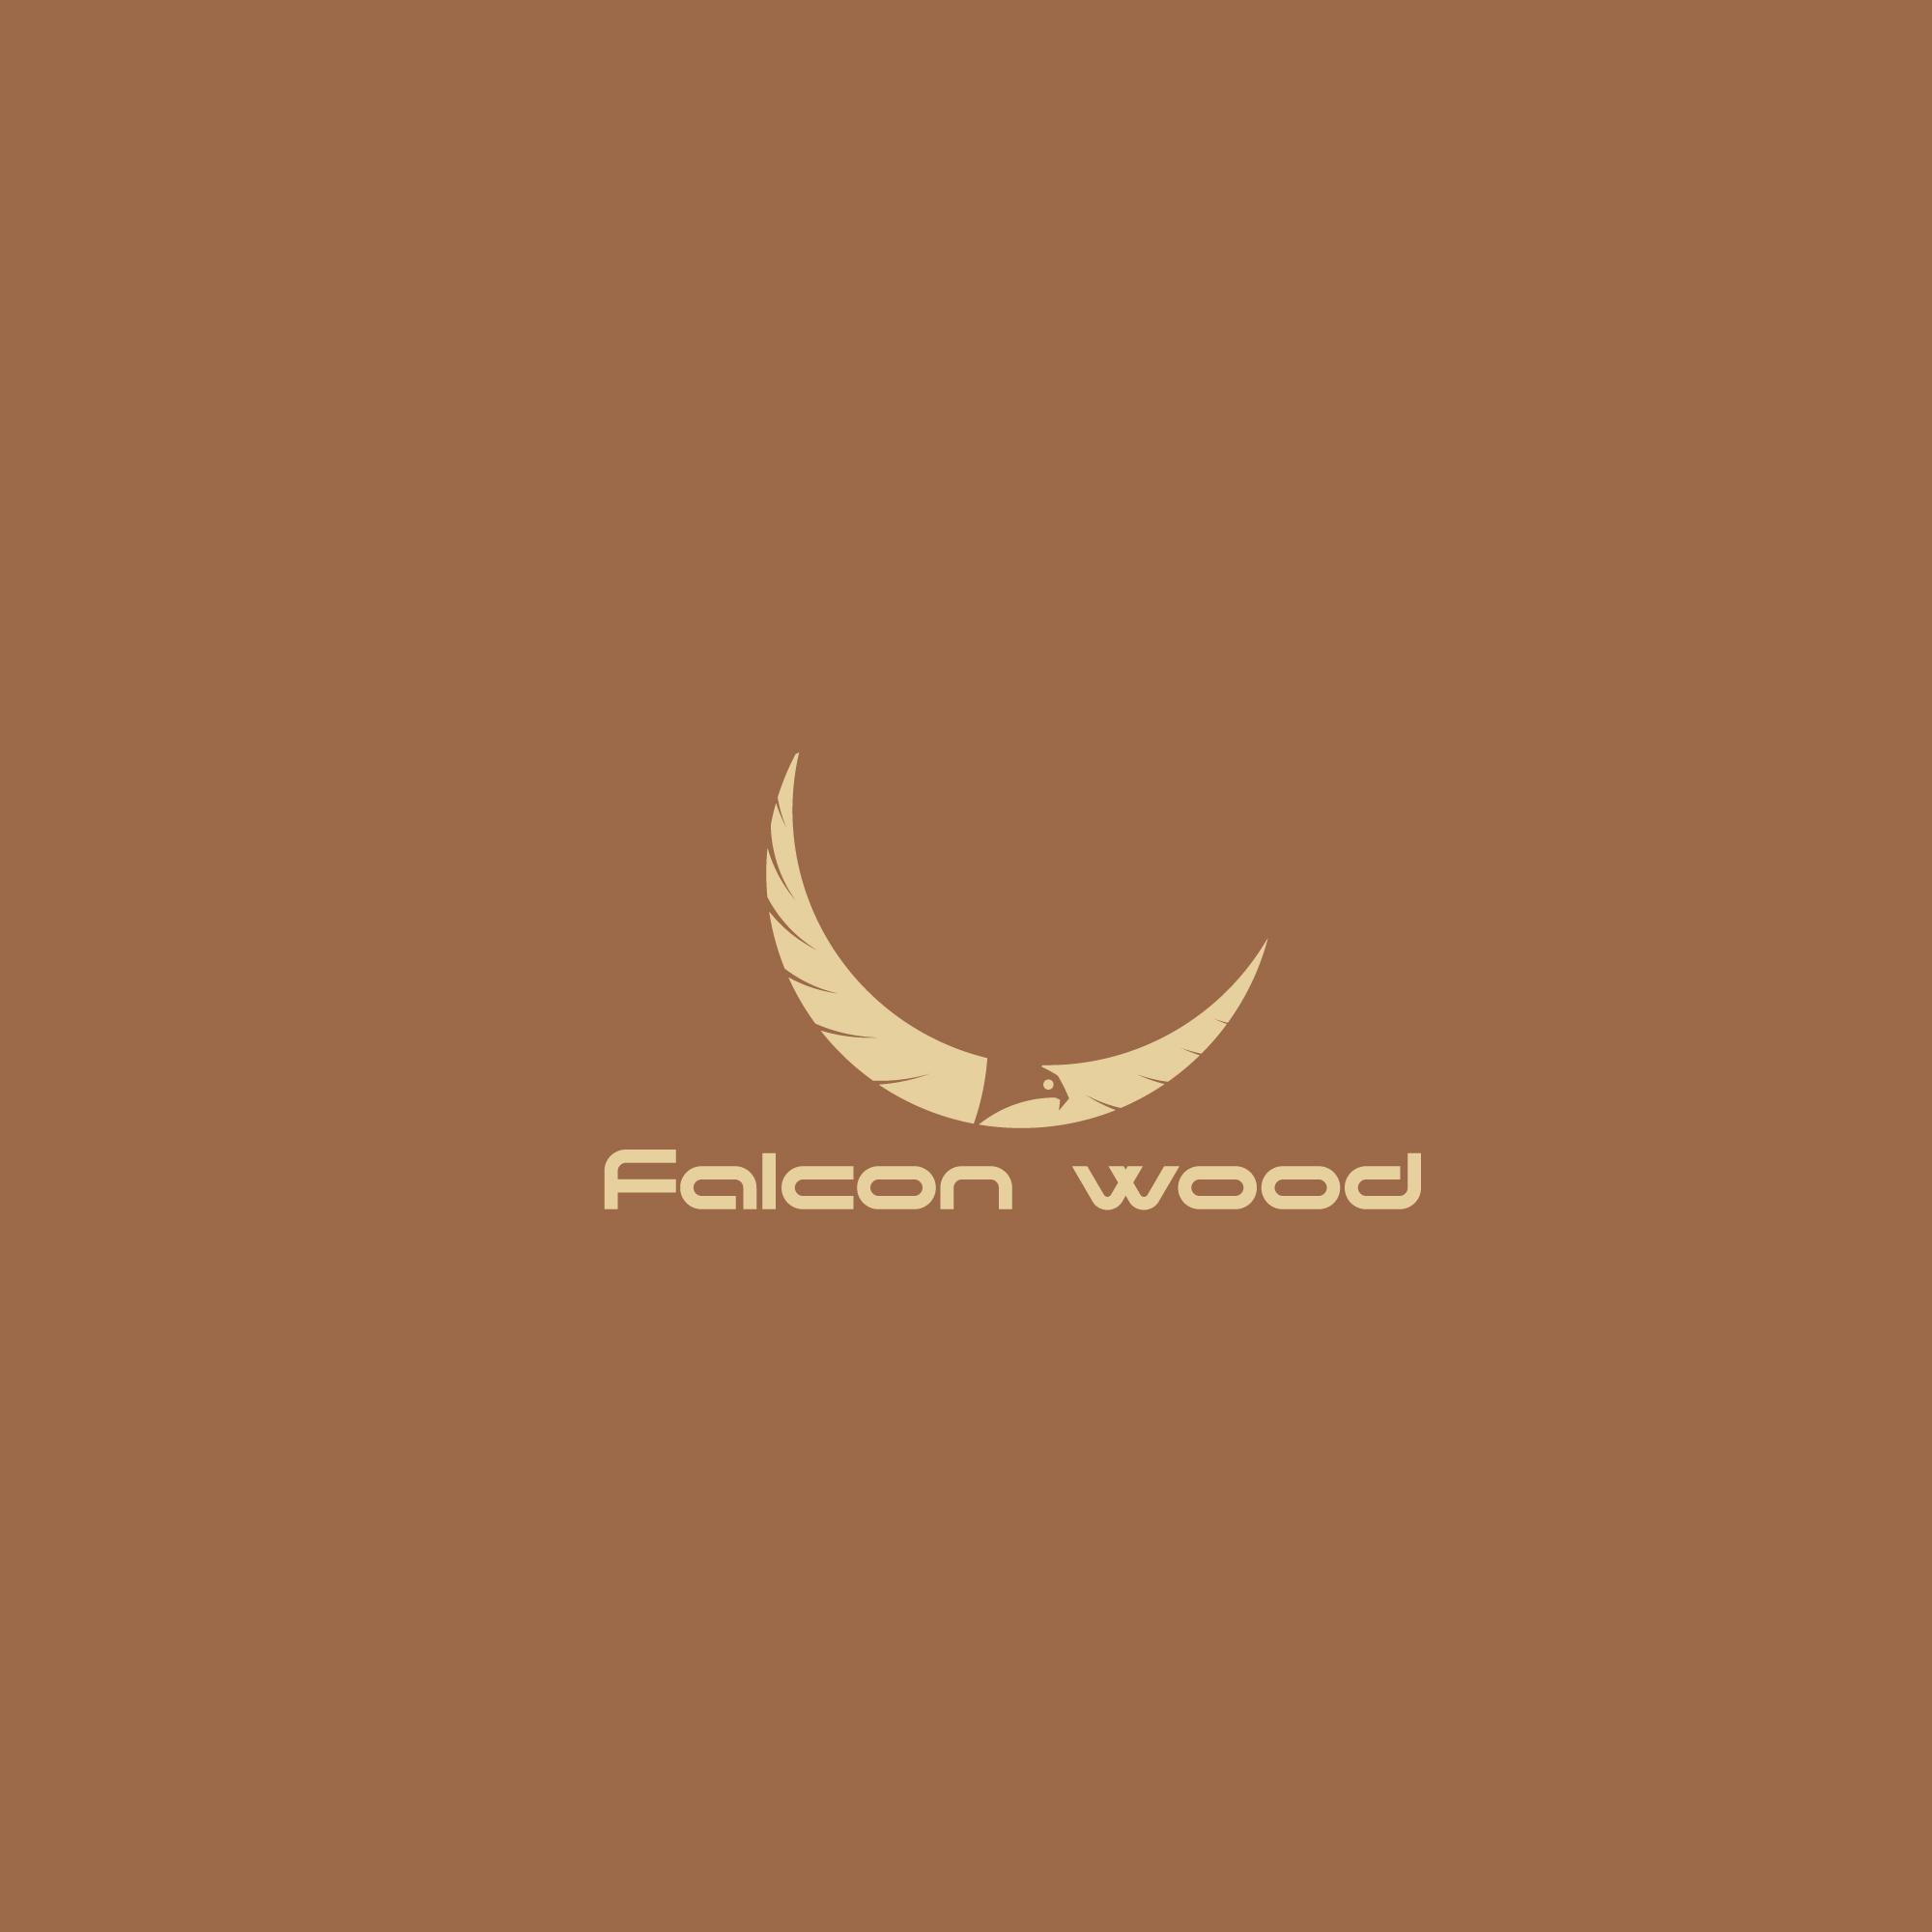 Дизайн логотипа столярной мастерской фото f_7785cfe62852a3d6.jpg